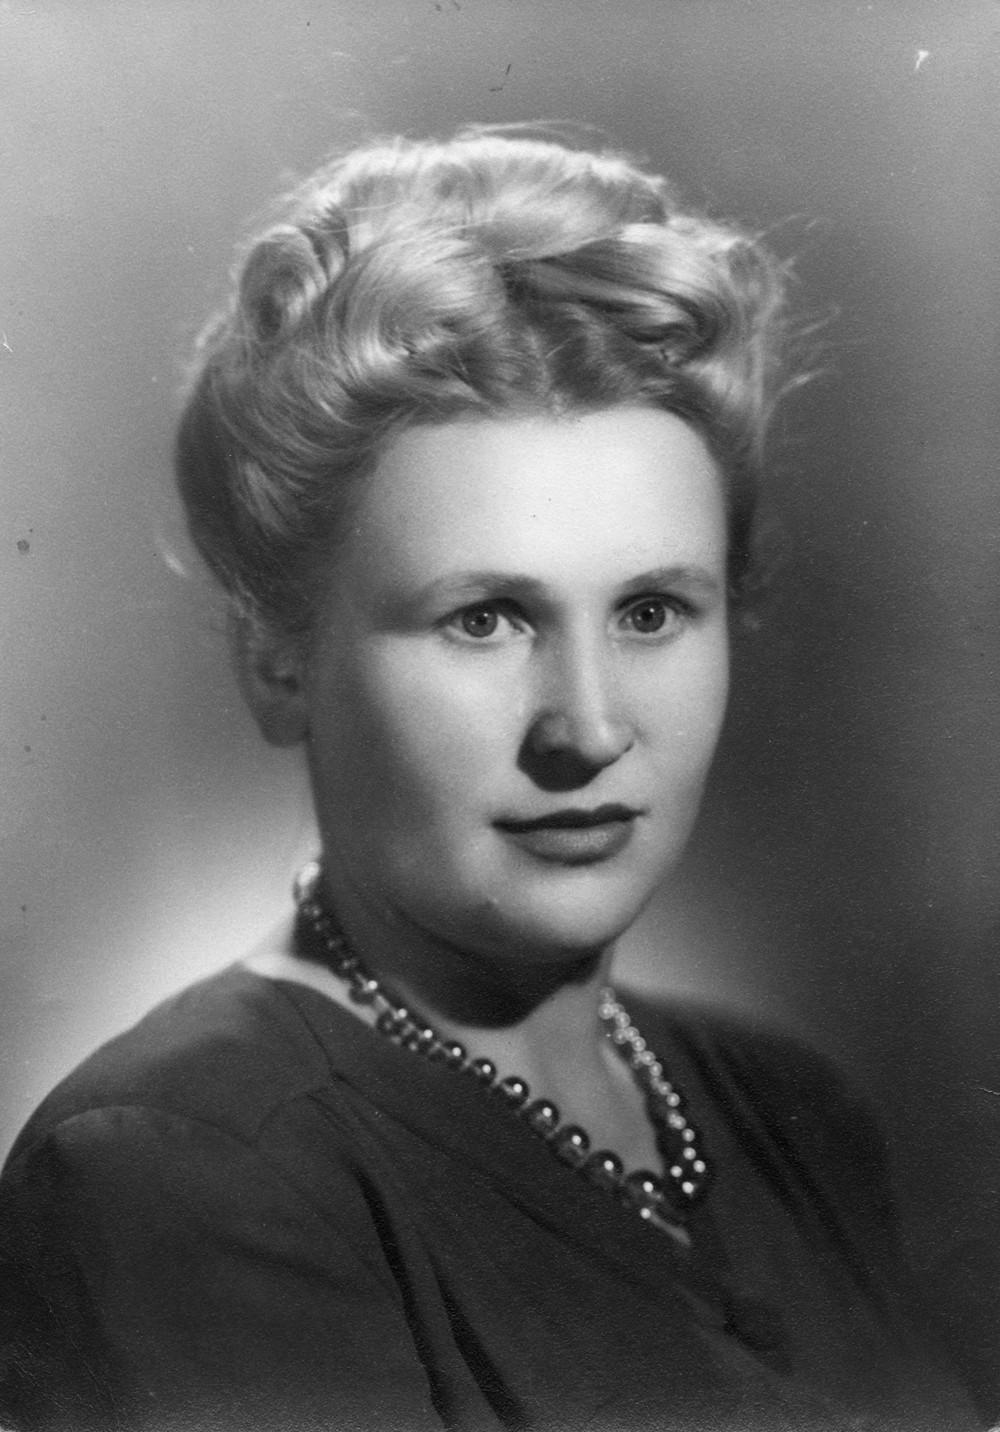 Encarregada de atentar contra Hitler e salvar assassino de Trótski, Anna acabou no Brasil, onde organizou rede de agentes.